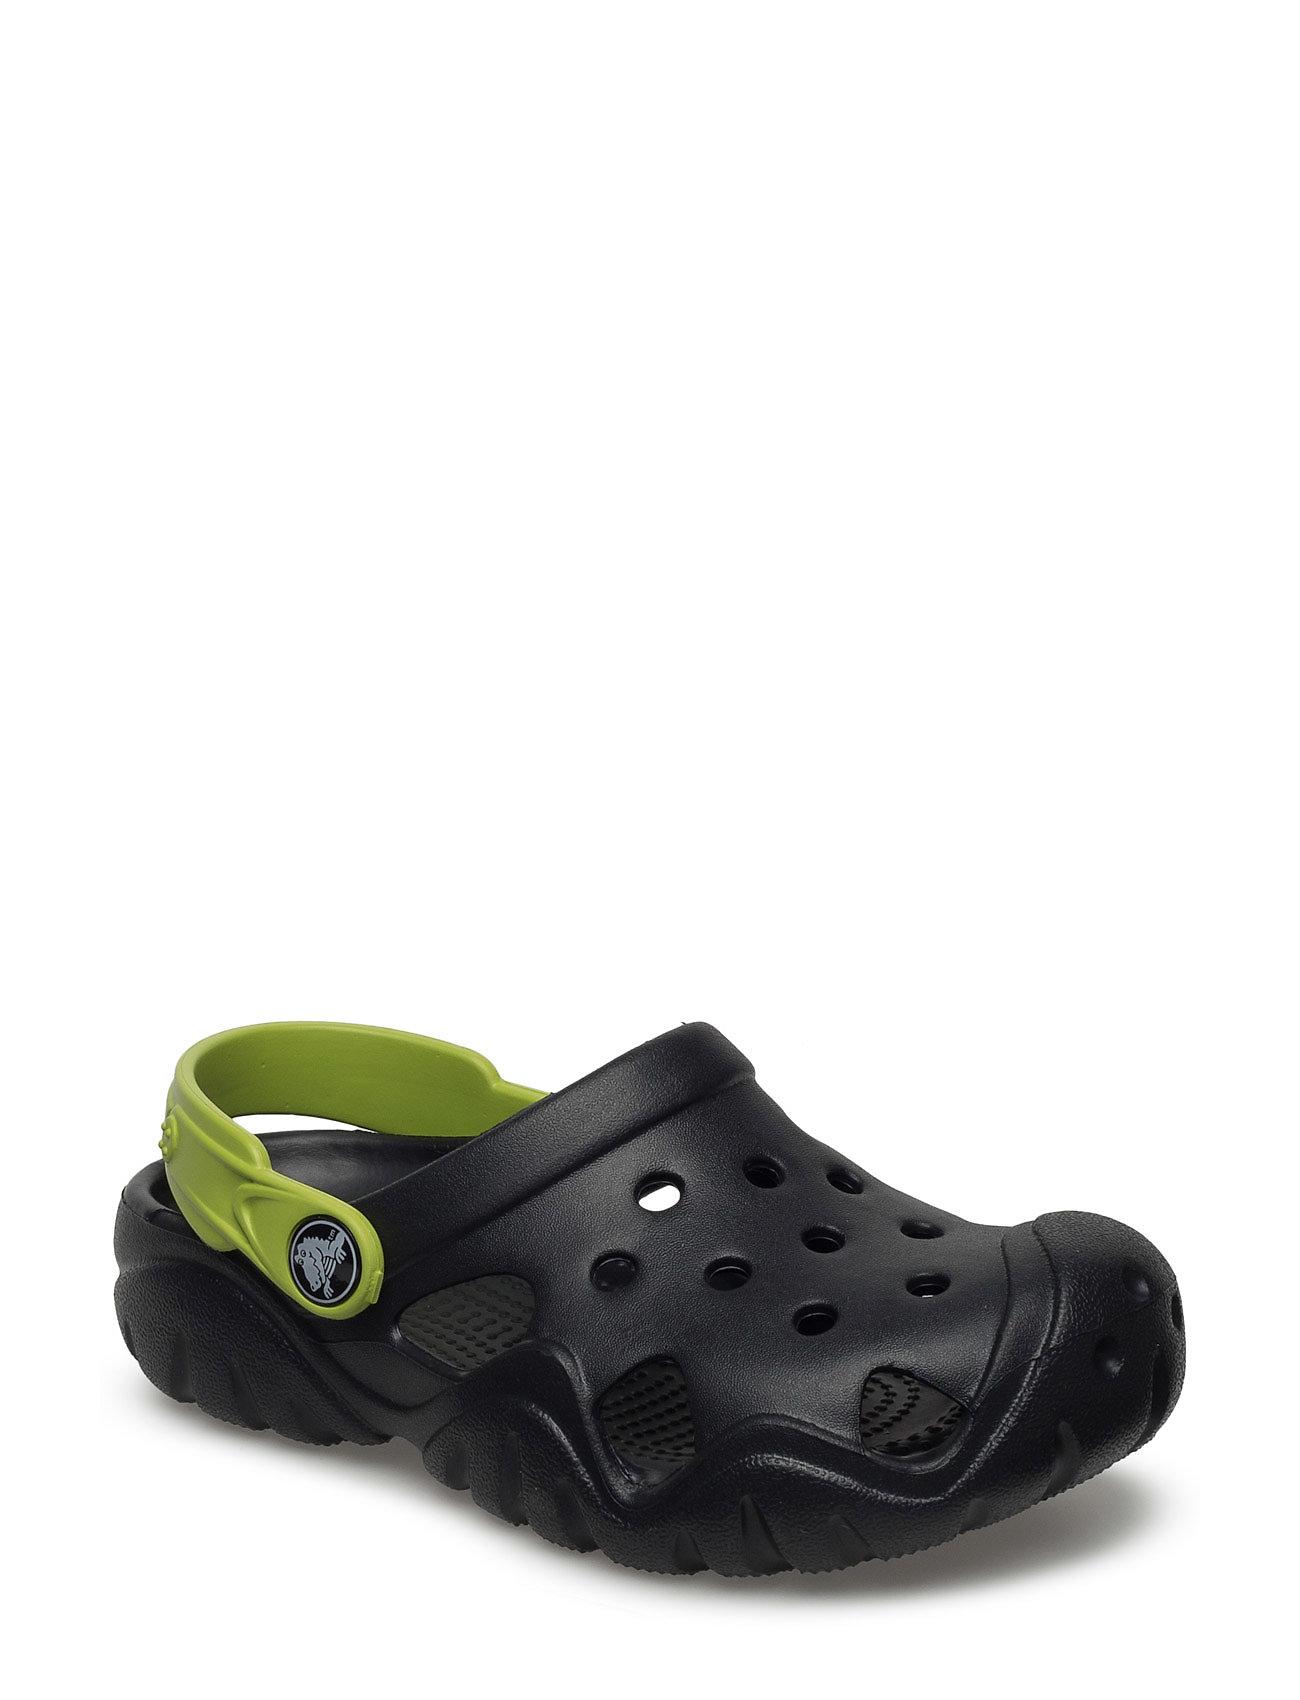 Swiftwater Clog K Crocs Sandaler til Børn i